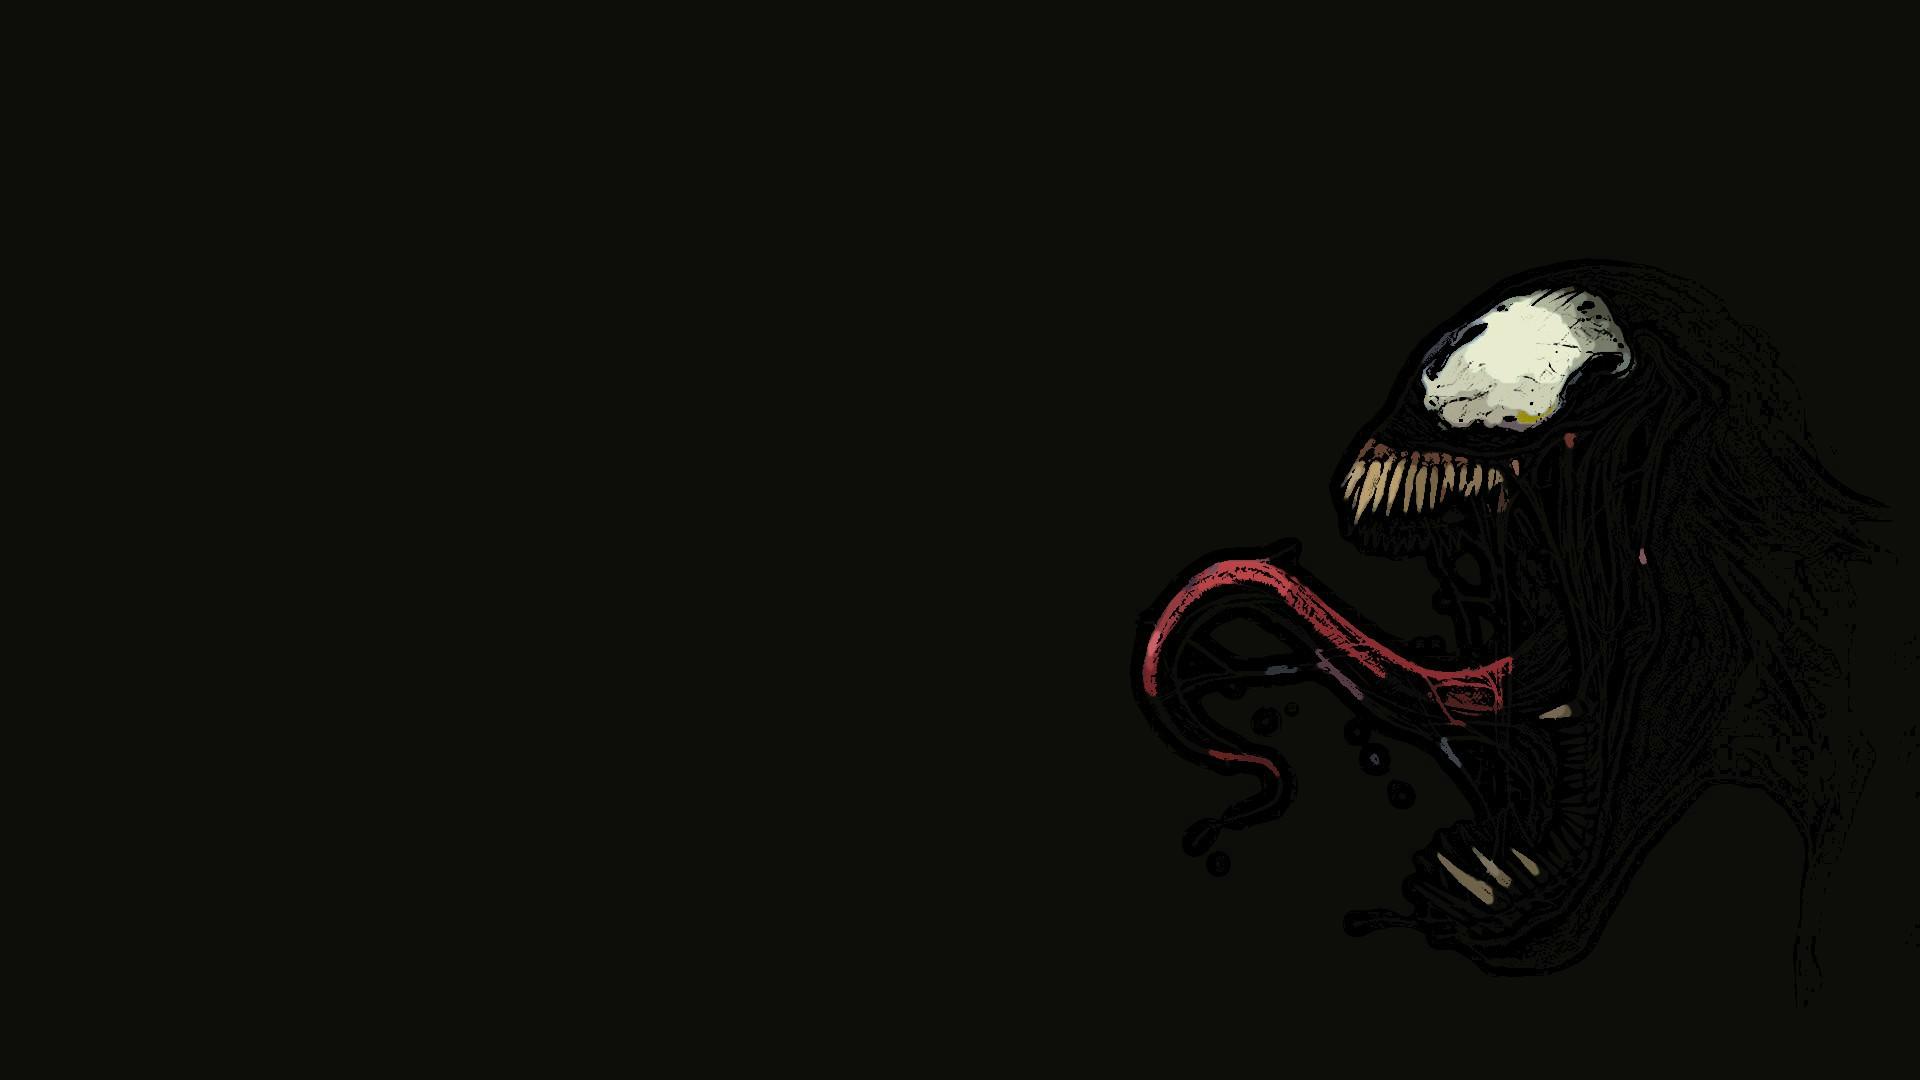 Красивые обои и картинки Венома на рабочий стол - подборка 3